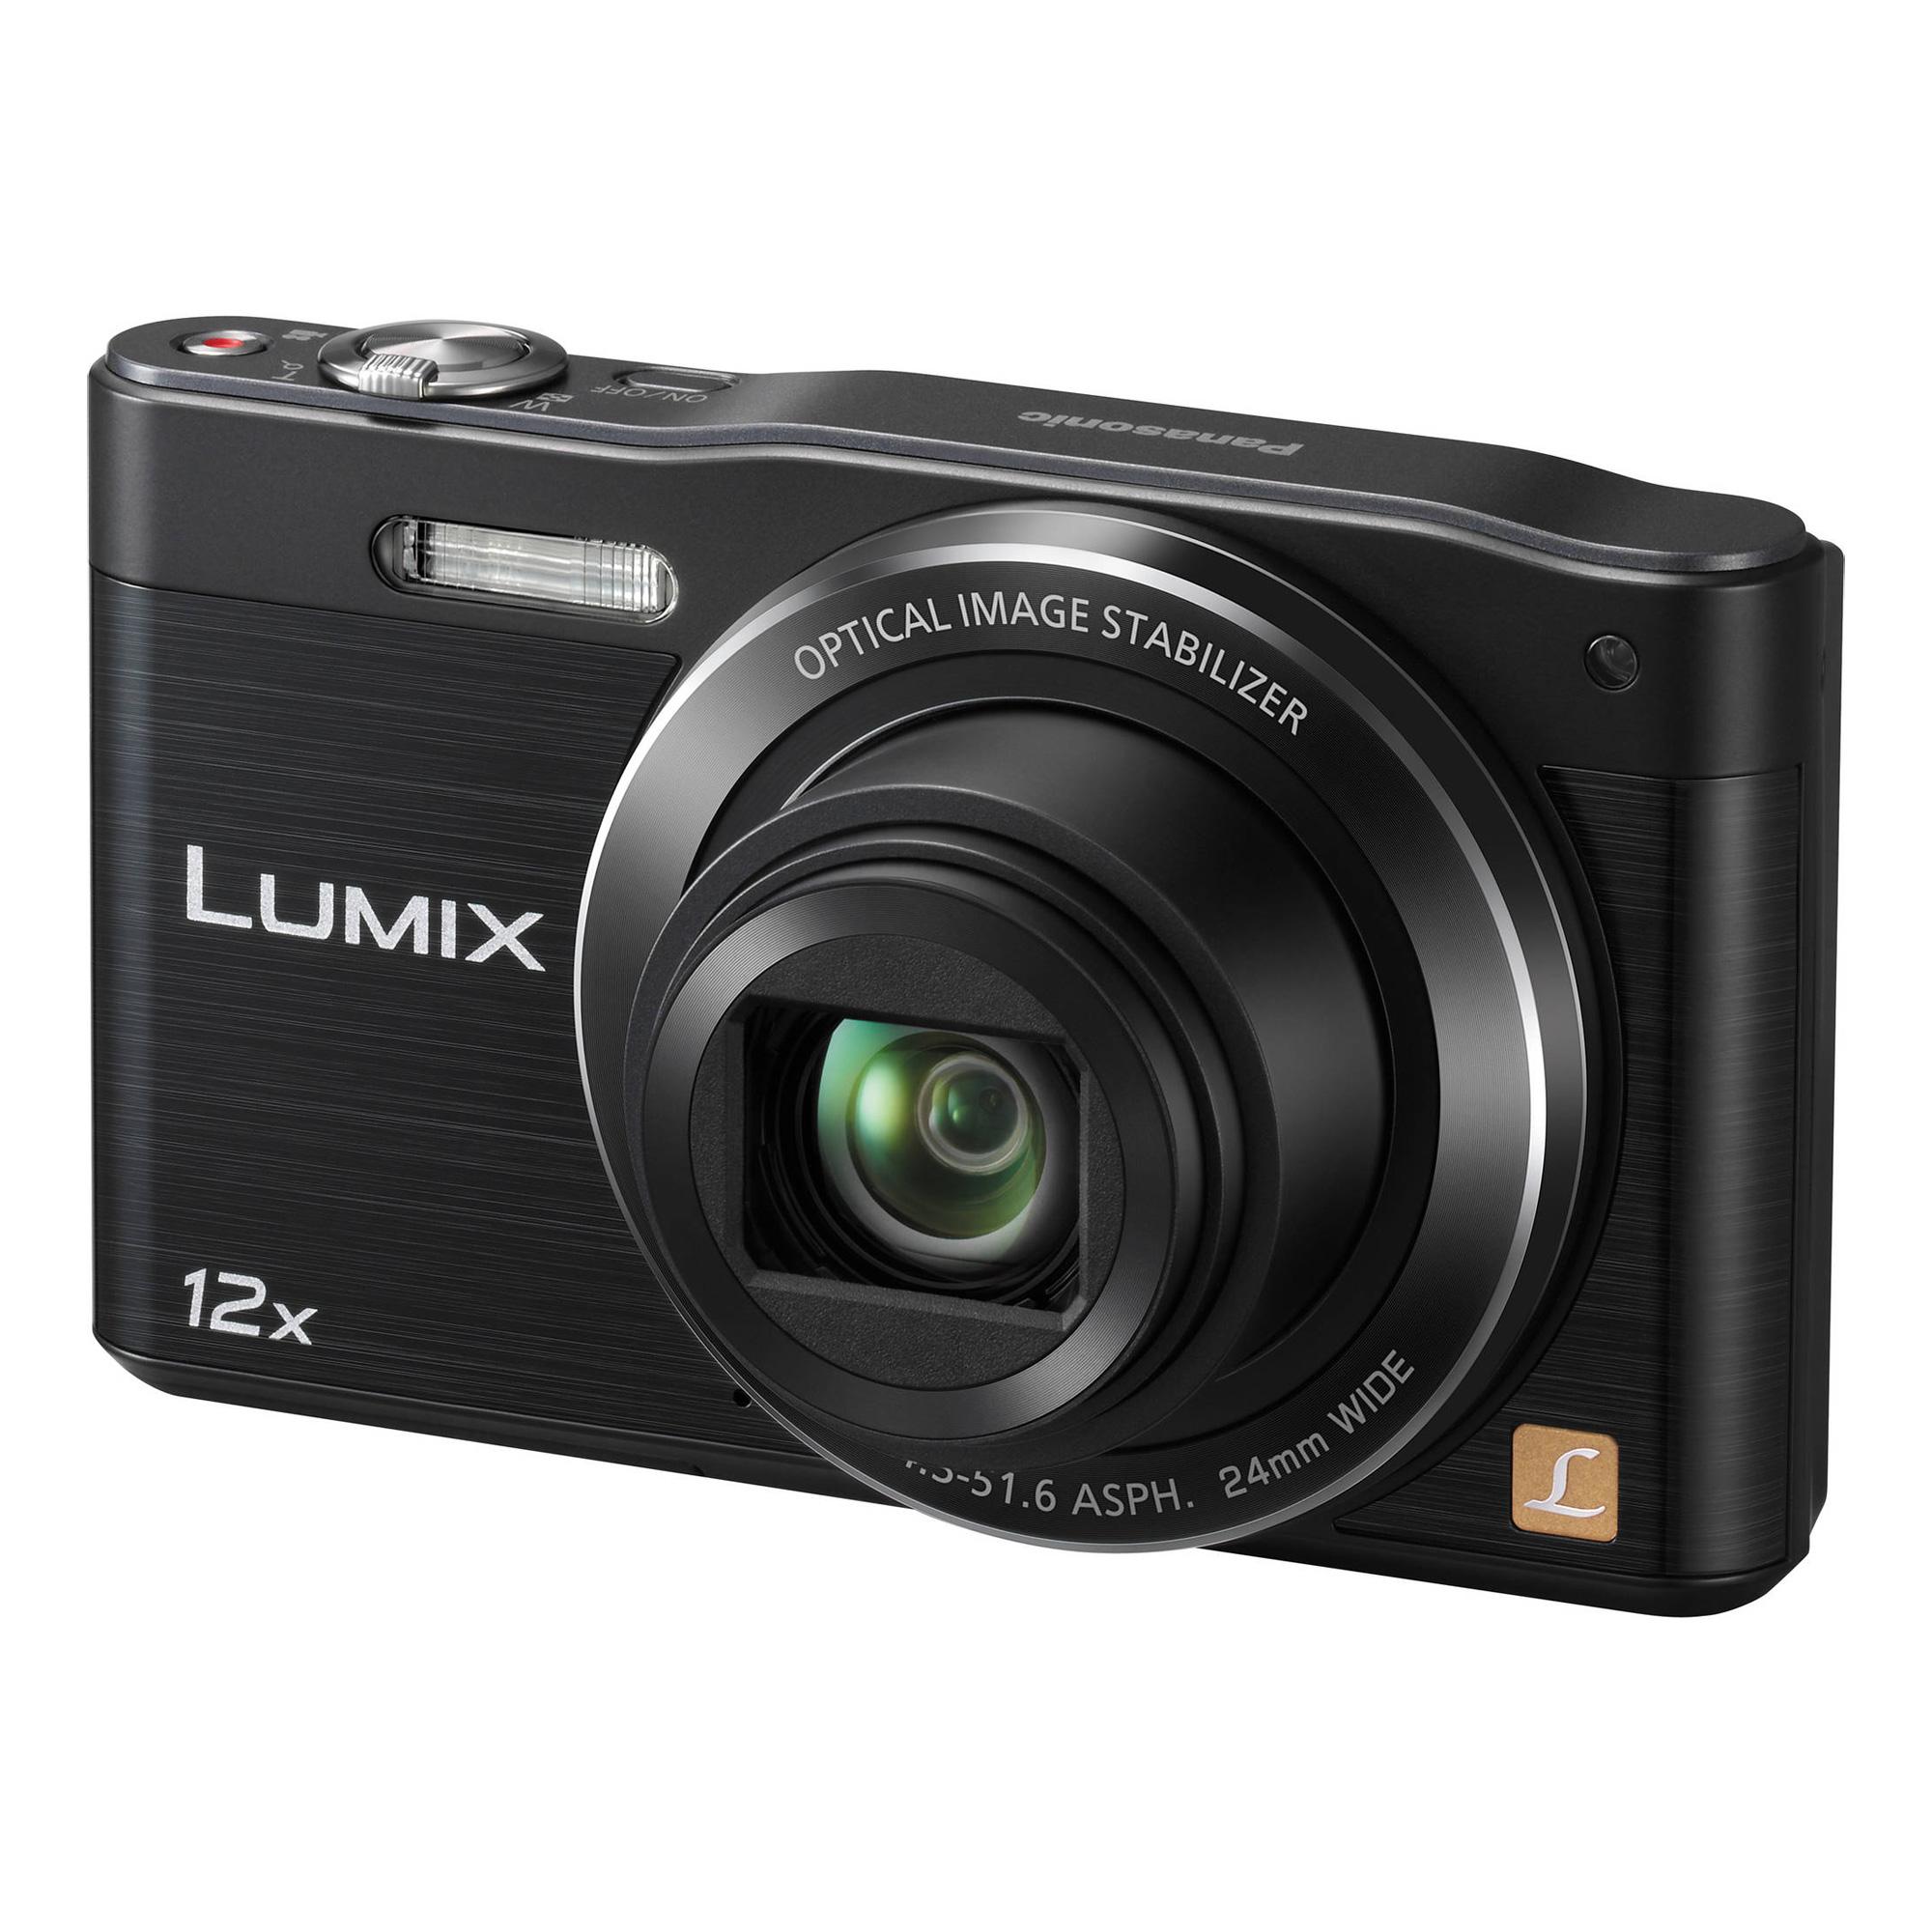 panasonic lumix dmc sz8 digital camera black dmcsz8k rh samys com Lumix DMC ZS8 Battery Charger panasonic lumix dmc-zs8 manual en español